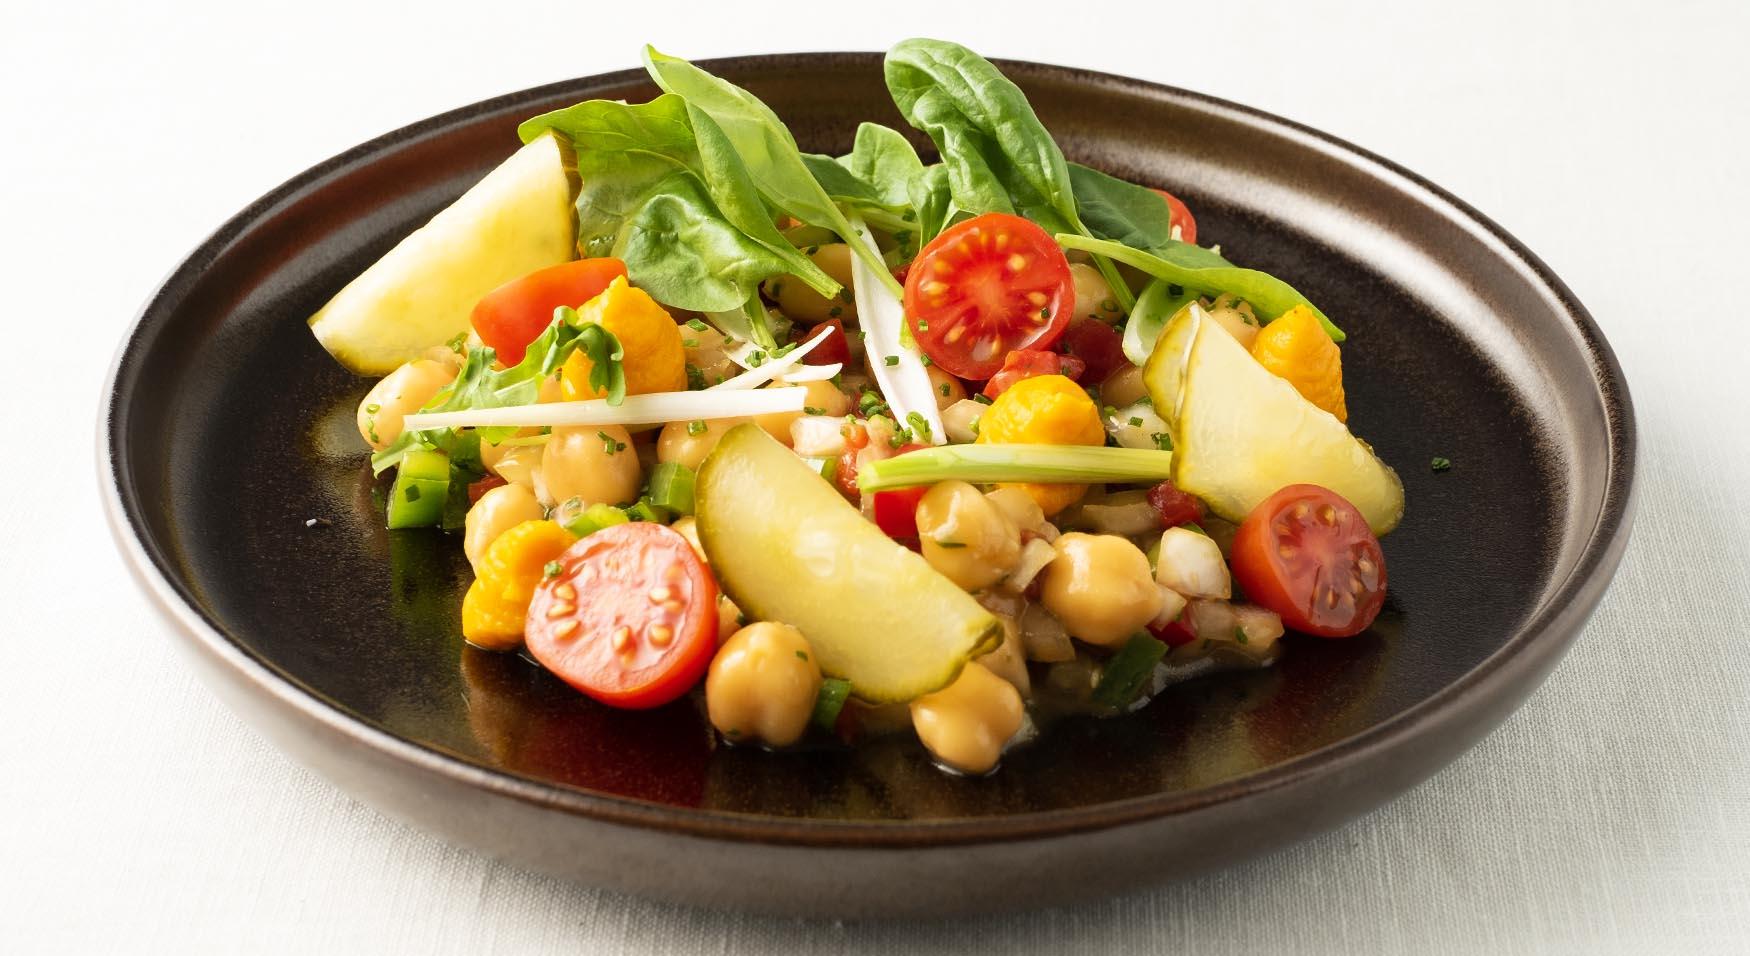 Ensalada de garbanzo con hojas frescas, encurtidos y verduras